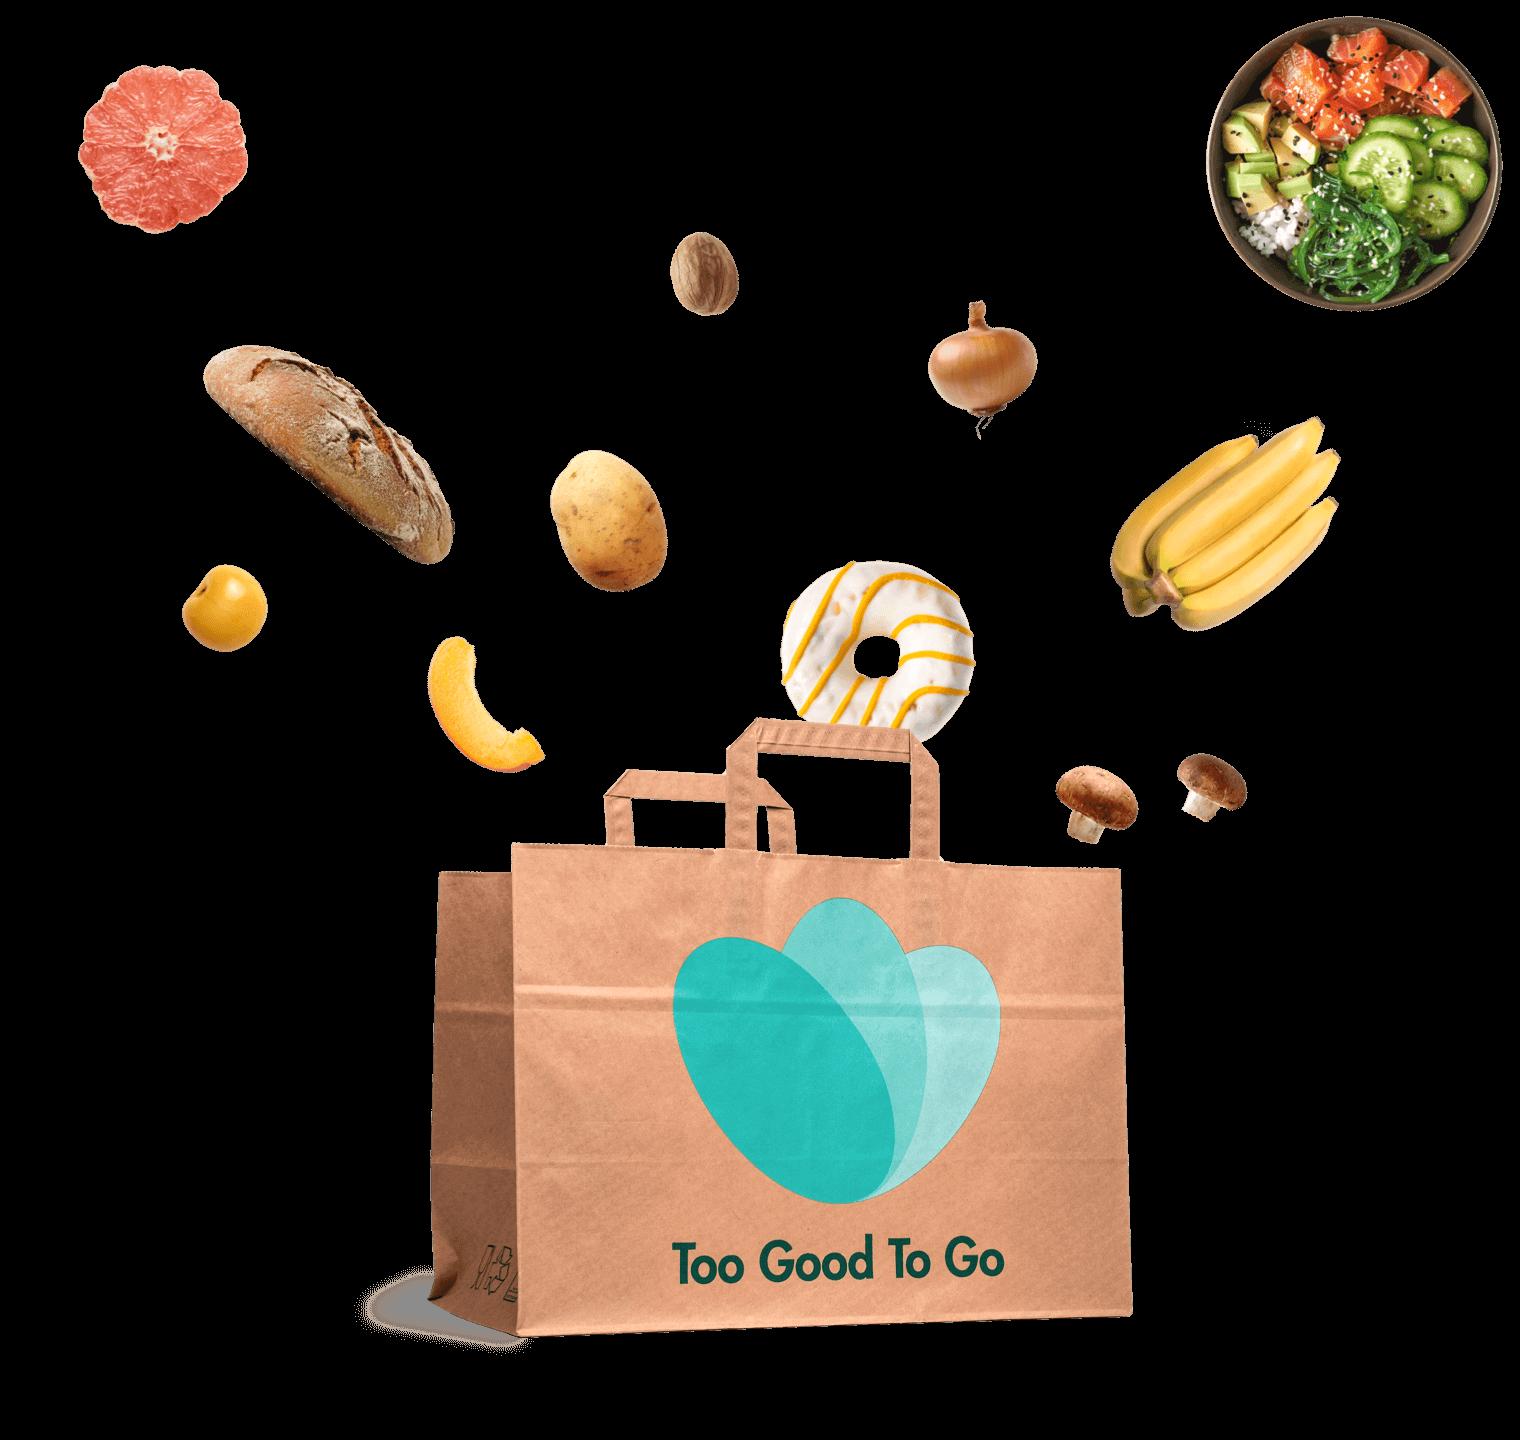 ridurre lo spreco di cibo con too good to go